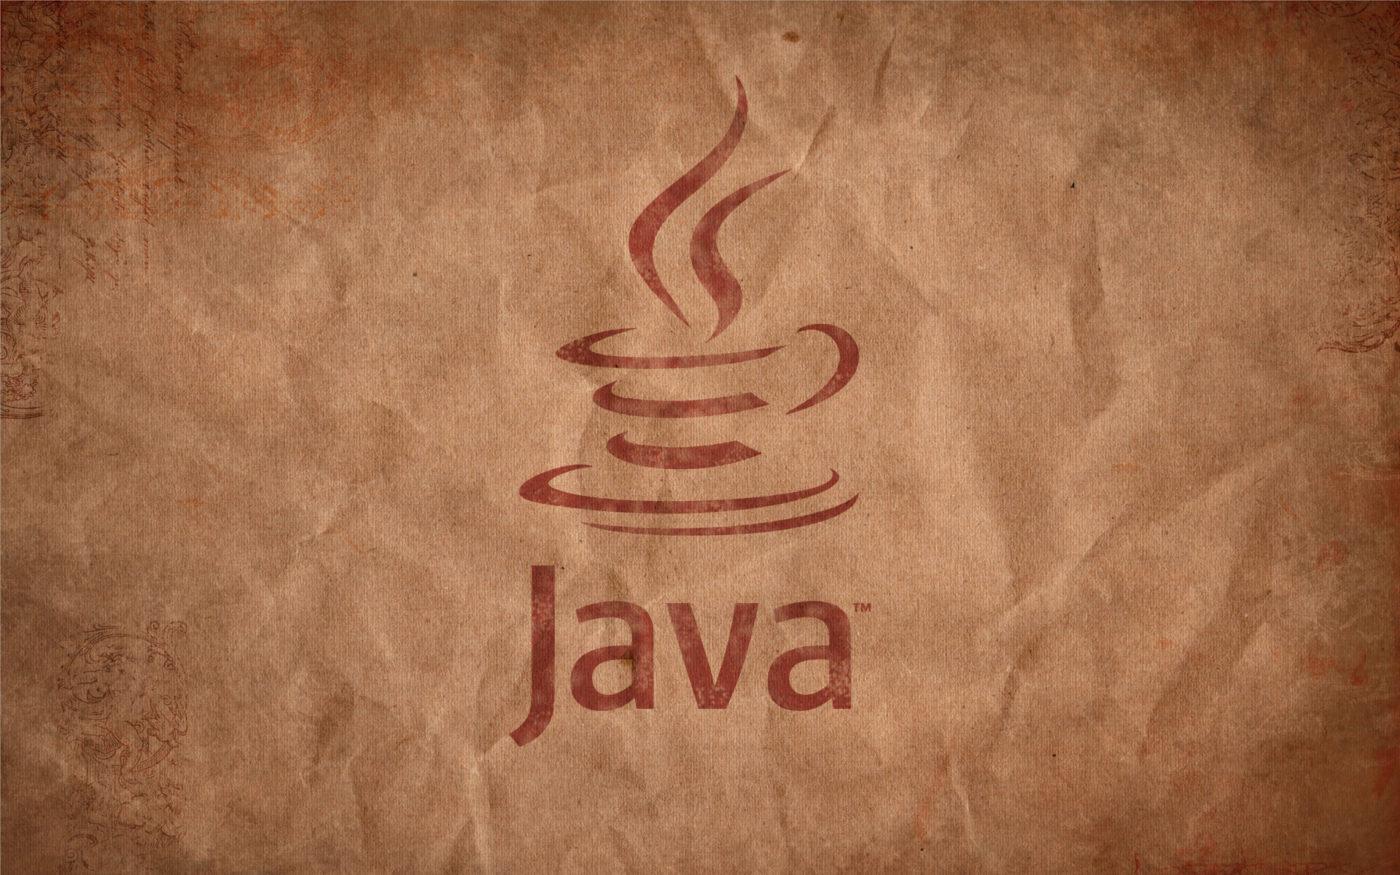 Статьи: Как подготовиться к сдаче экзамена Oracle Certified Professional Java SE 8 Programmer